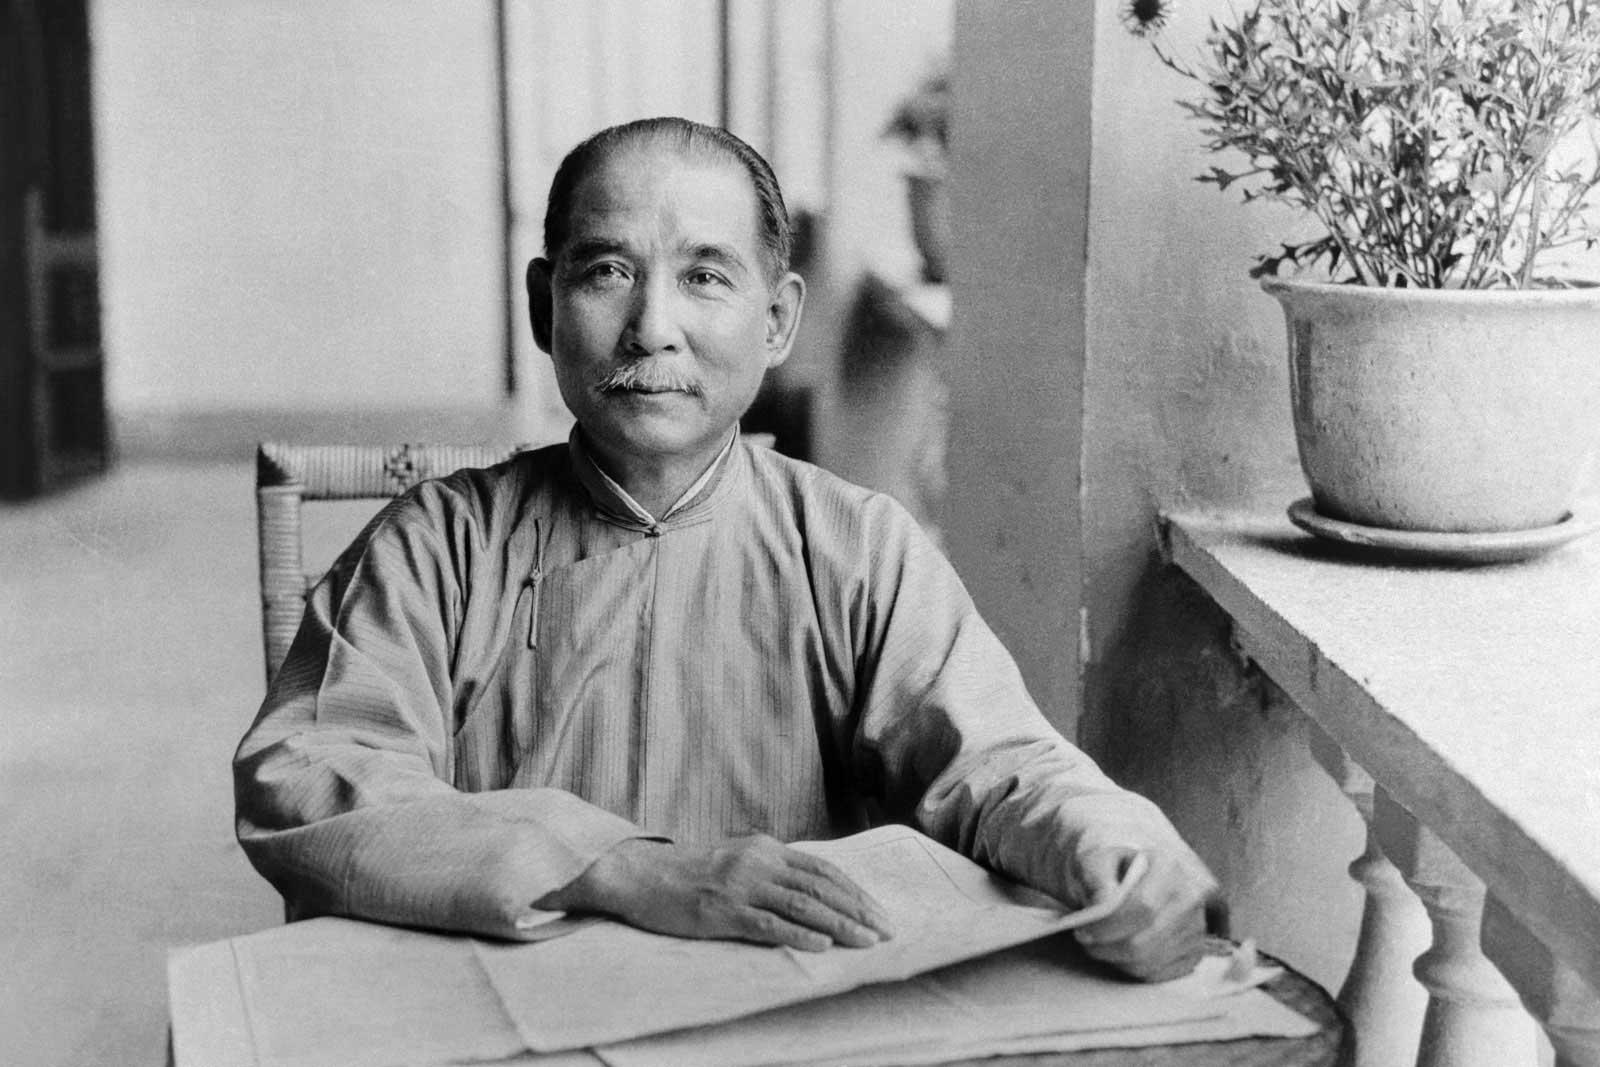 Dr. Sun Yat-sen in Canton (Guangzhou) in 1924.